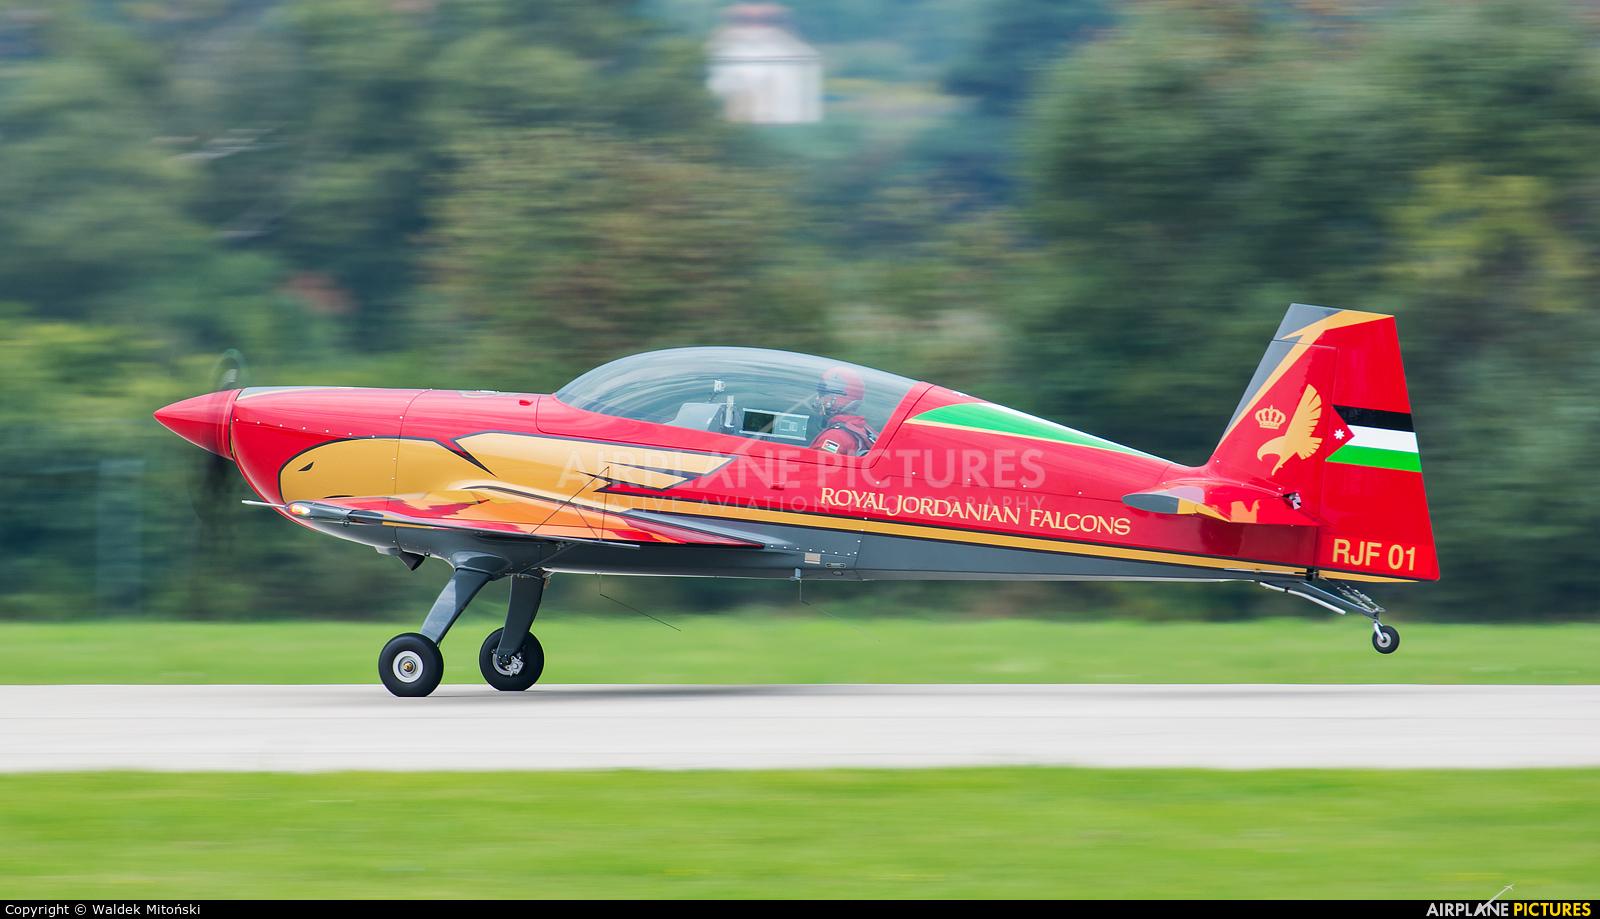 Royal Jordanian Falcons RJF-01 aircraft at Sliač